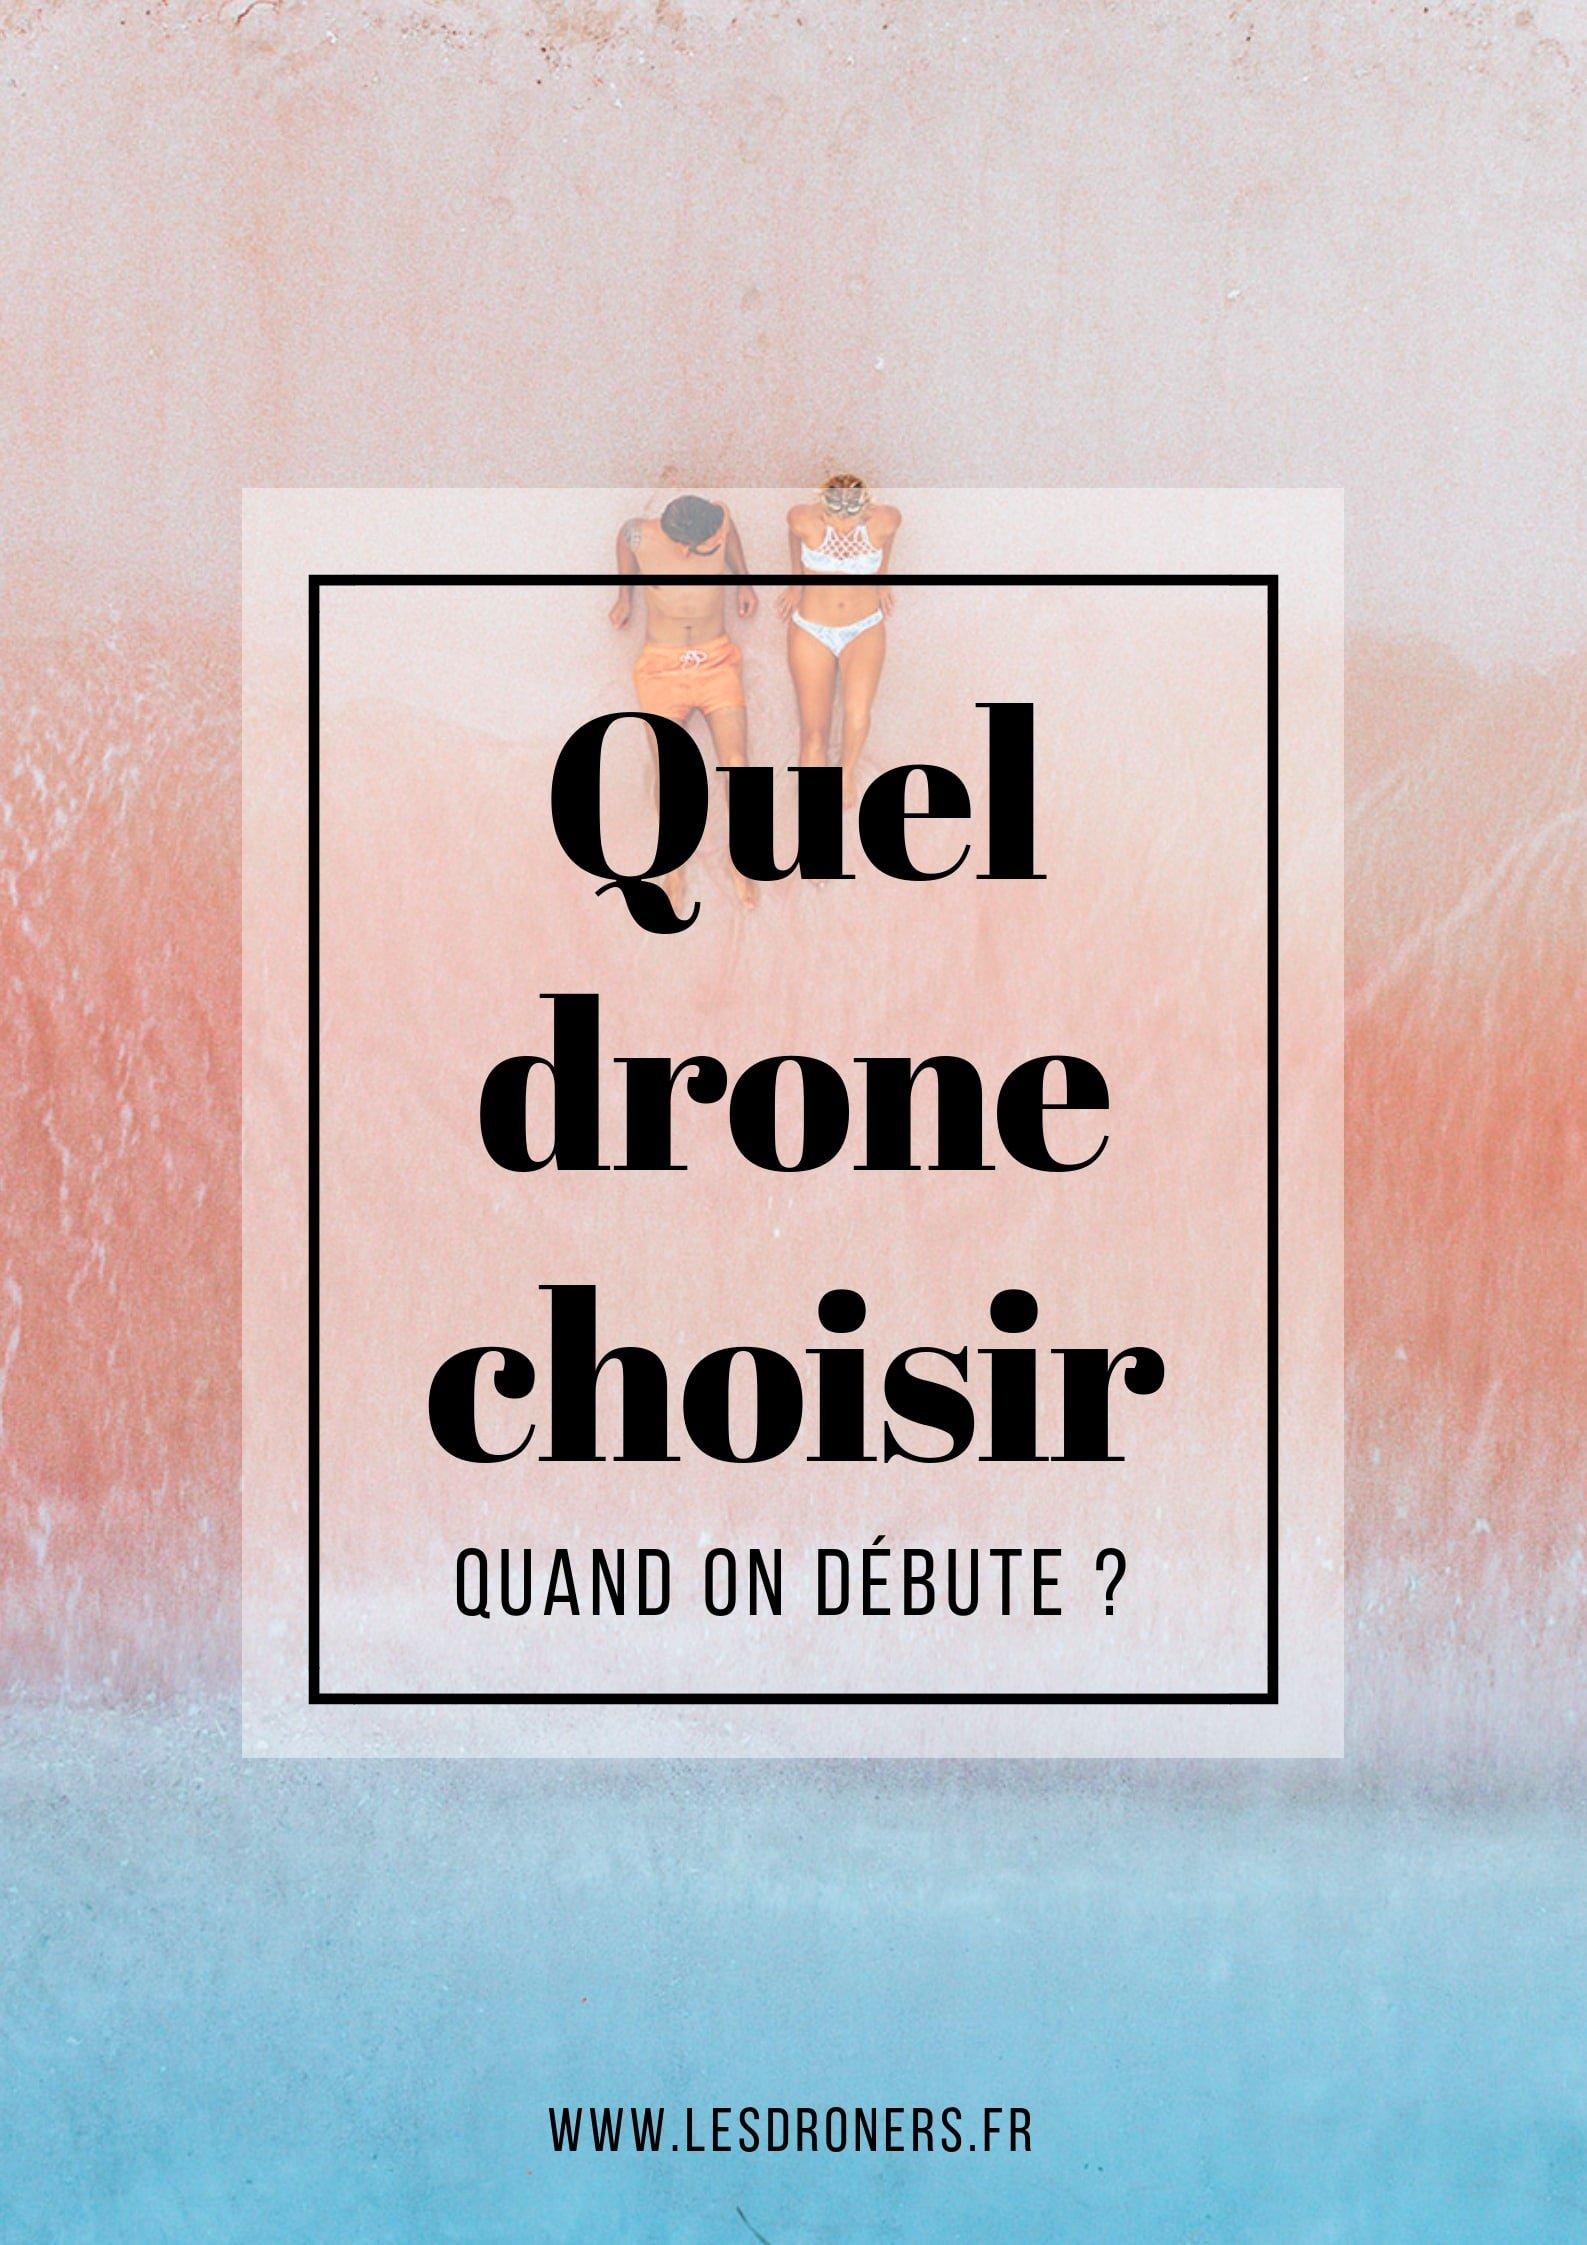 quel drone choisir quand on débute